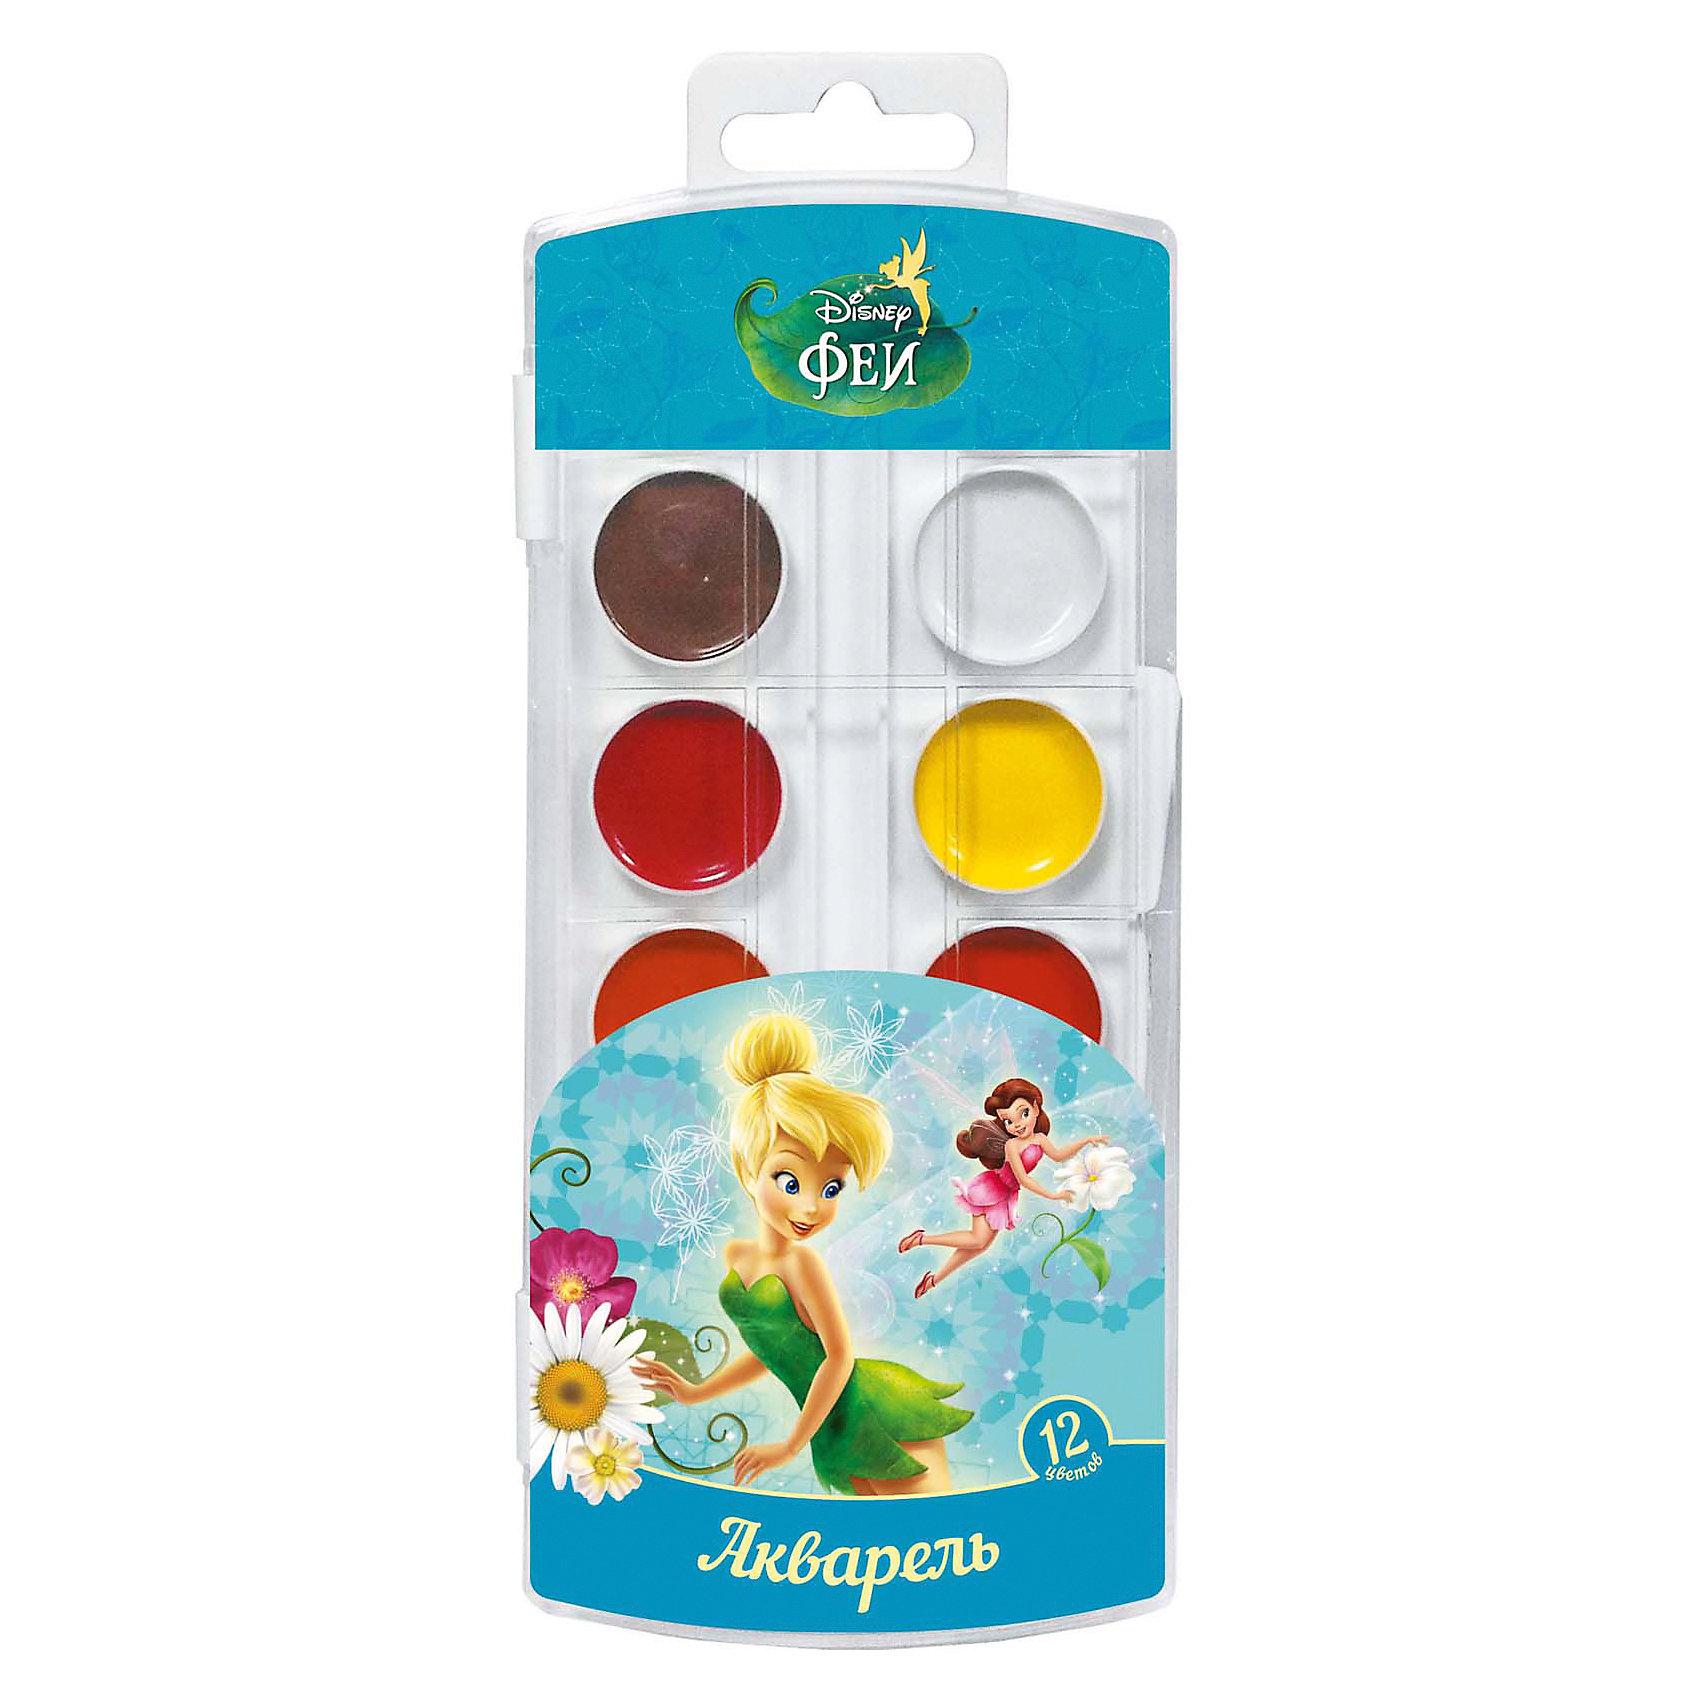 Акварель, 12 цветов, Disney FairiesРисование и лепка<br>Характеристики акварели 12 цветов, Disney Fairies :<br><br>• возраст: от 3-х лет<br>• пол: для мальчиков и девочек<br>• тип: акварель<br>• состав: вода питьевая, декстрин, глицерин, сахар, органические и неорганические тонкодисперсные пигменты, консервант, наполнитель. <br>• вес: 70 гр.<br>• упаковка пенал пластмассовый<br>• размеры, пенала - 18 х 8.5 х 1 см<br>• размер упаковки 20 x 8.5 x 1.3 см<br>• страна обладателя бренда: Украина <br><br>В наборе акварельных красок «Disney» Феи 12 ярких, насыщенных цветов. Краски превосходно подходят для рисования: они хорошо размываются водой, легко наносятся на поверхность, быстро сохнут, безопасны при использовании по назначению. Состав: вода питьевая, декстрин, глицерин, сахар, органические и неорганические тонкодисперсные пигменты, консервант, наполнитель. Срок годности не ограничен.<br><br>Акварель, 12 цветов, Disney Fairies можно купить в нашем интернет-магазине.<br><br>Ширина мм: 195<br>Глубина мм: 73<br>Высота мм: 110<br>Вес г: 81<br>Возраст от месяцев: 36<br>Возраст до месяцев: 2147483647<br>Пол: Женский<br>Возраст: Детский<br>SKU: 5453359